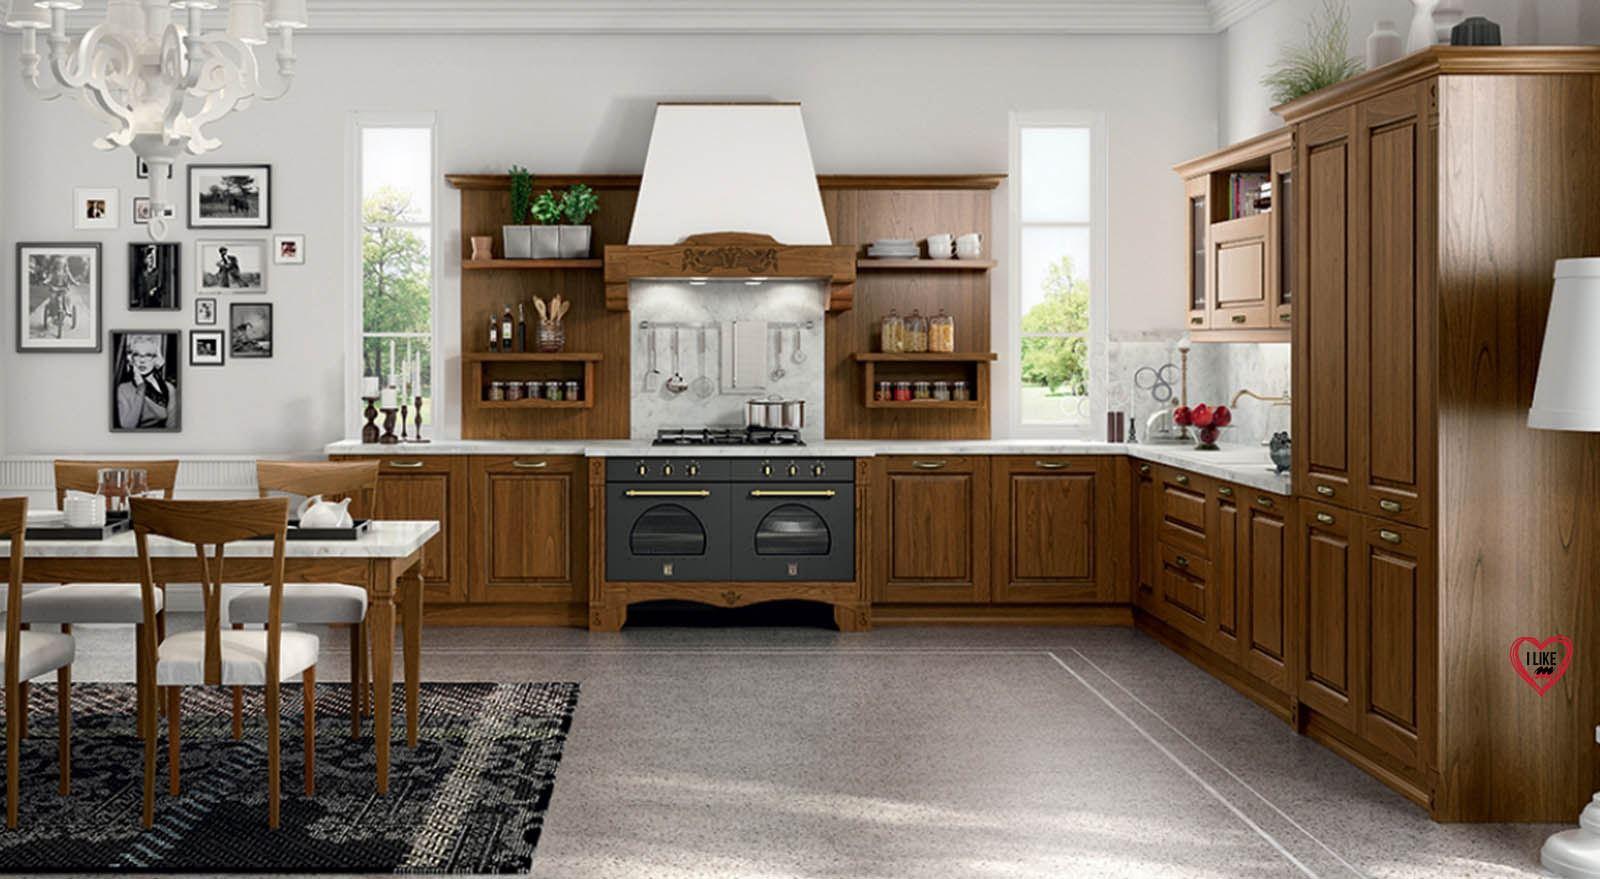 Gallery of cucine classiche legno scuro with immagini cucine classiche - Immagini di cucine classiche ...